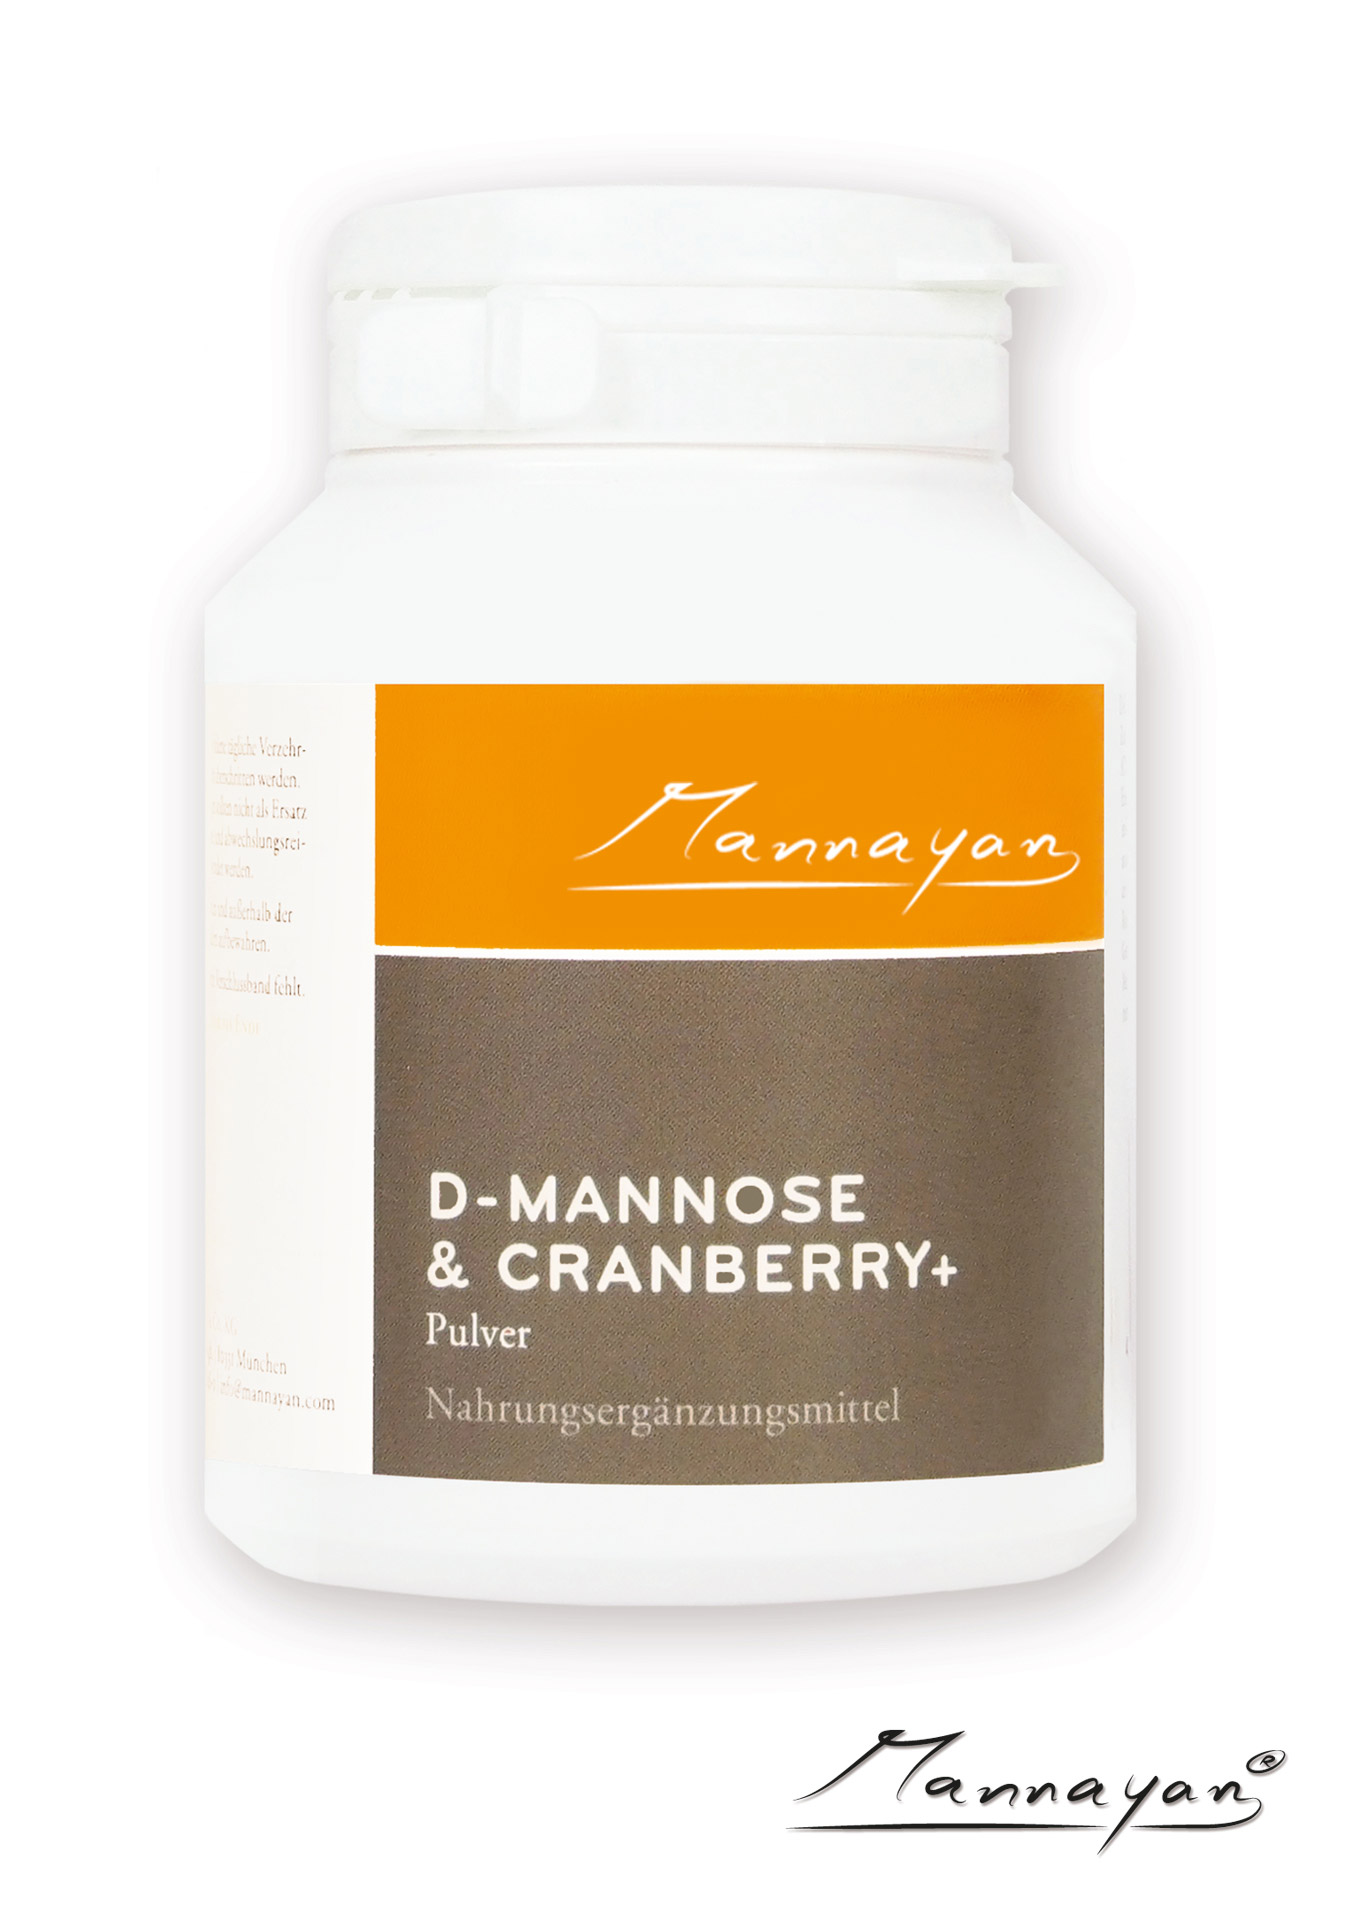 D-Mannose und Cranberry+ von Mannayan